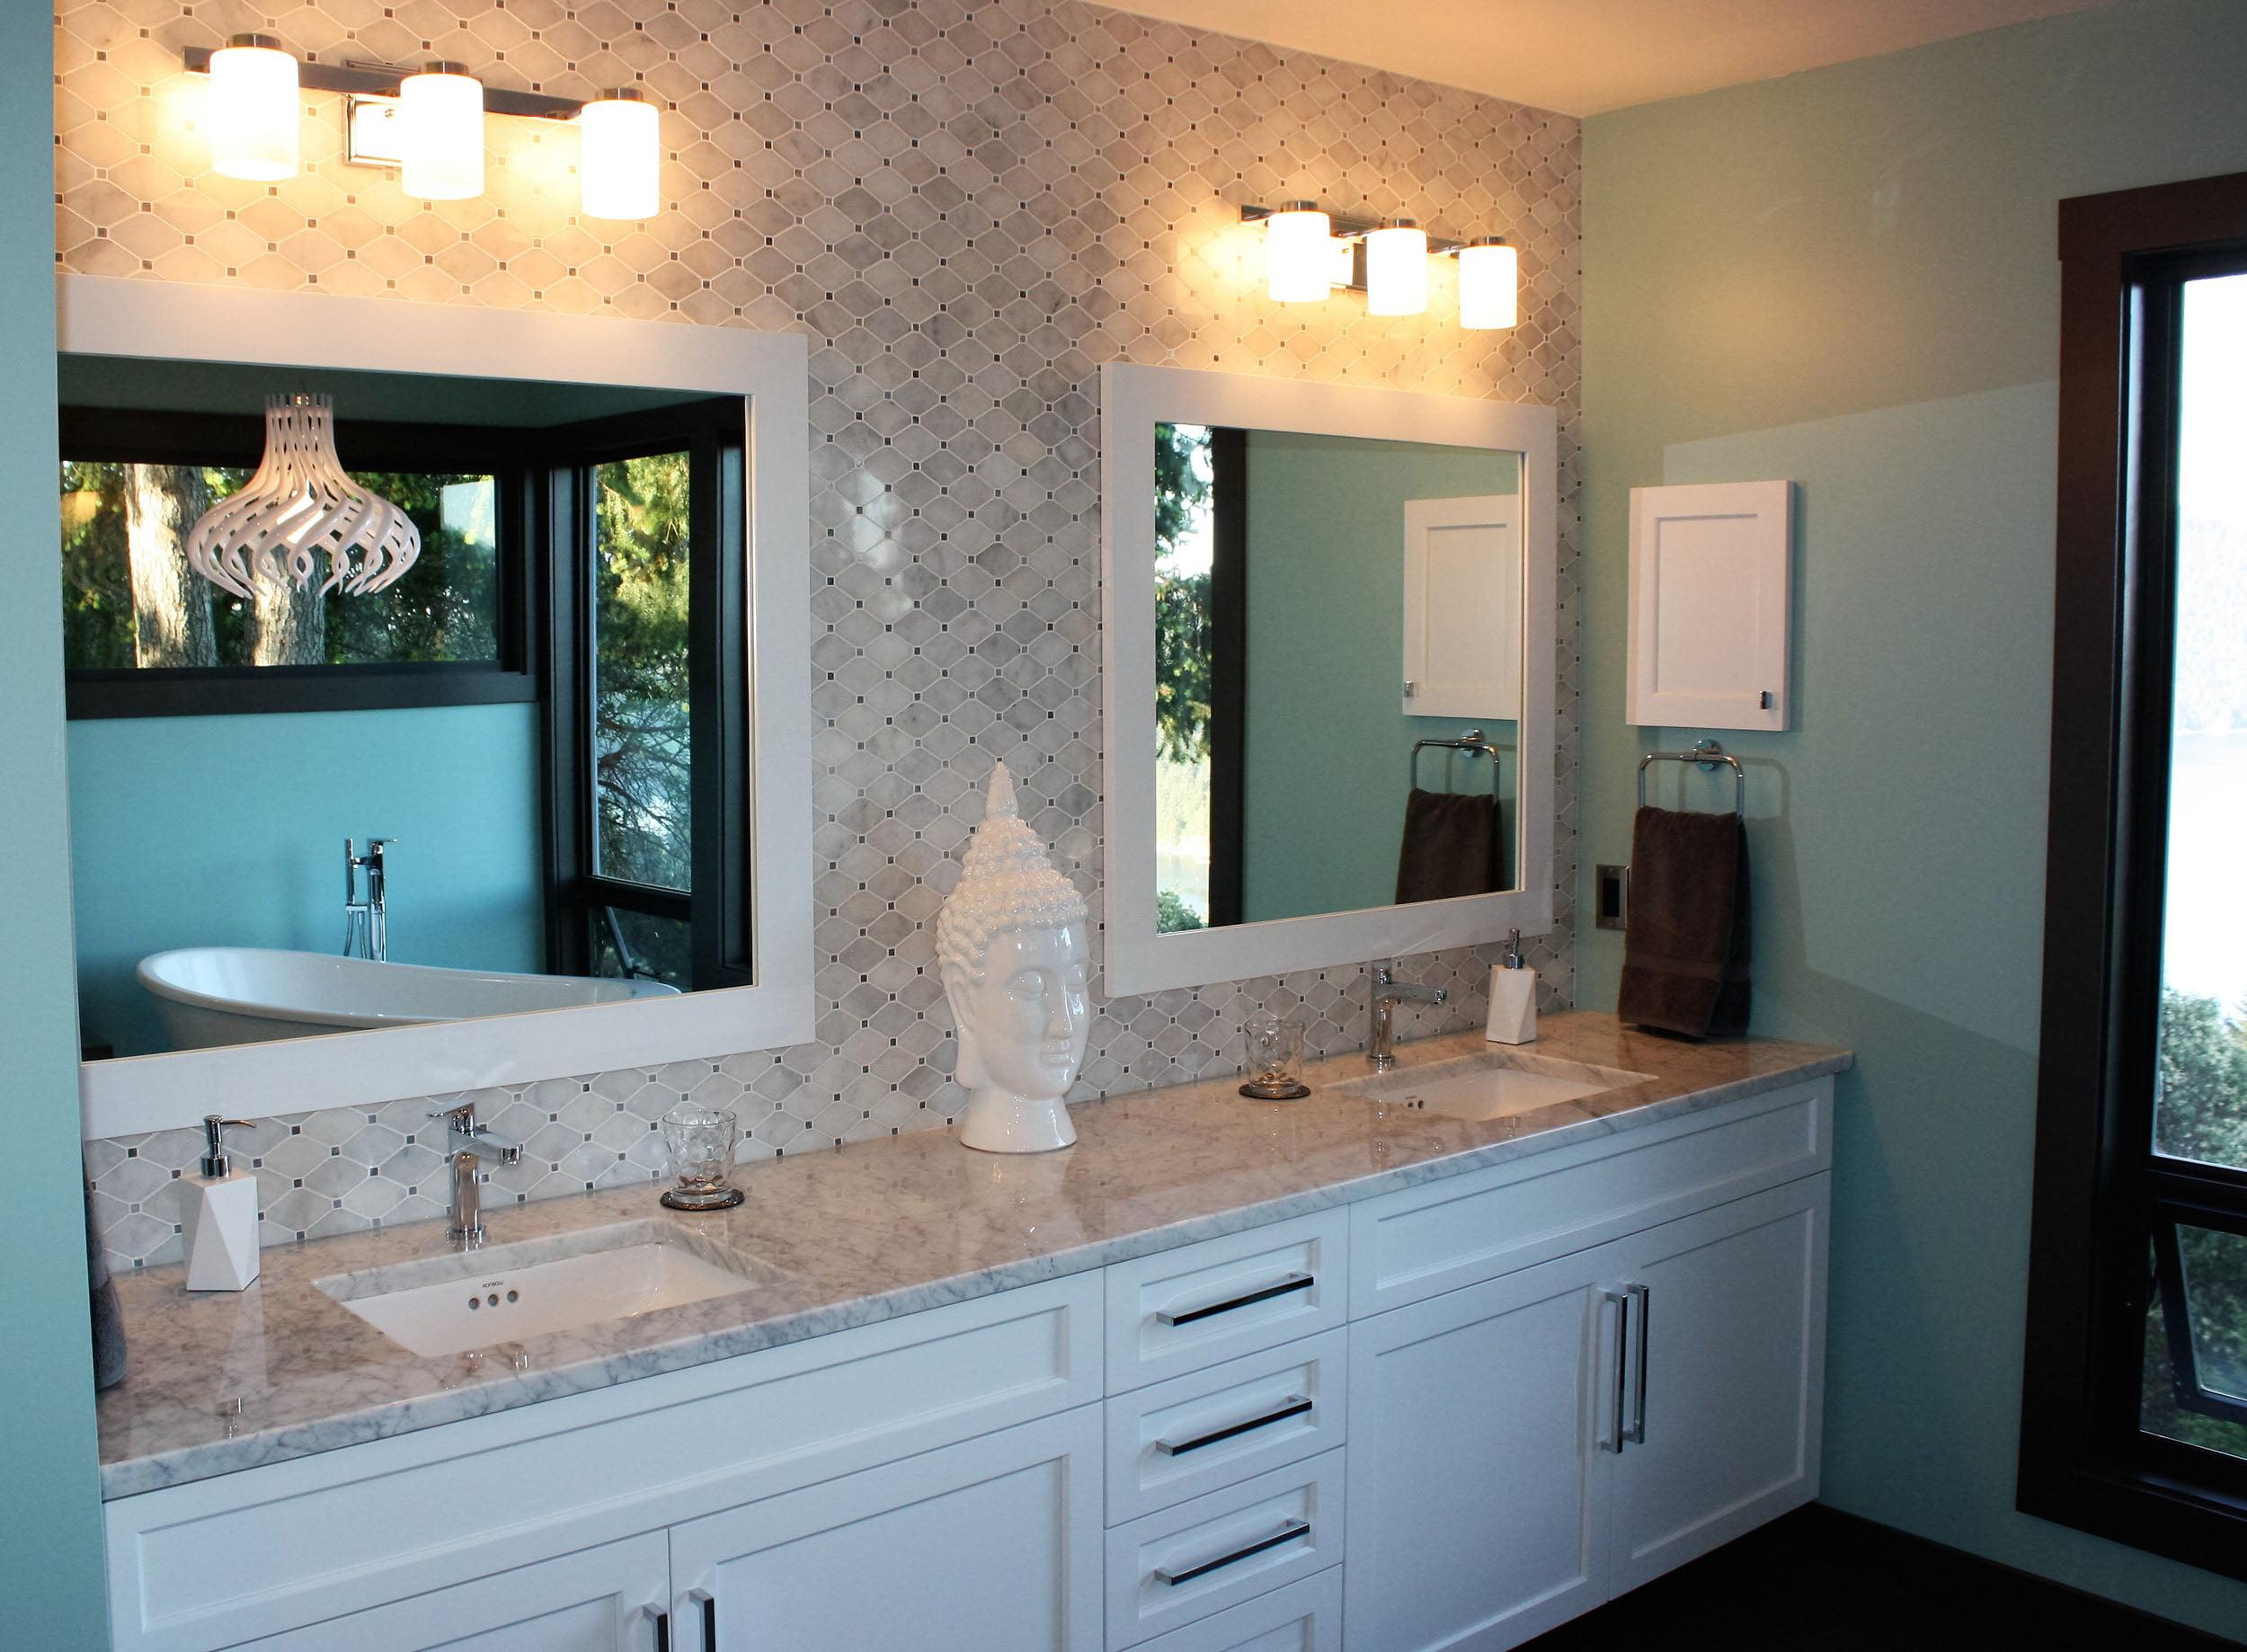 Double Vanity with Mosiac Marble Tile